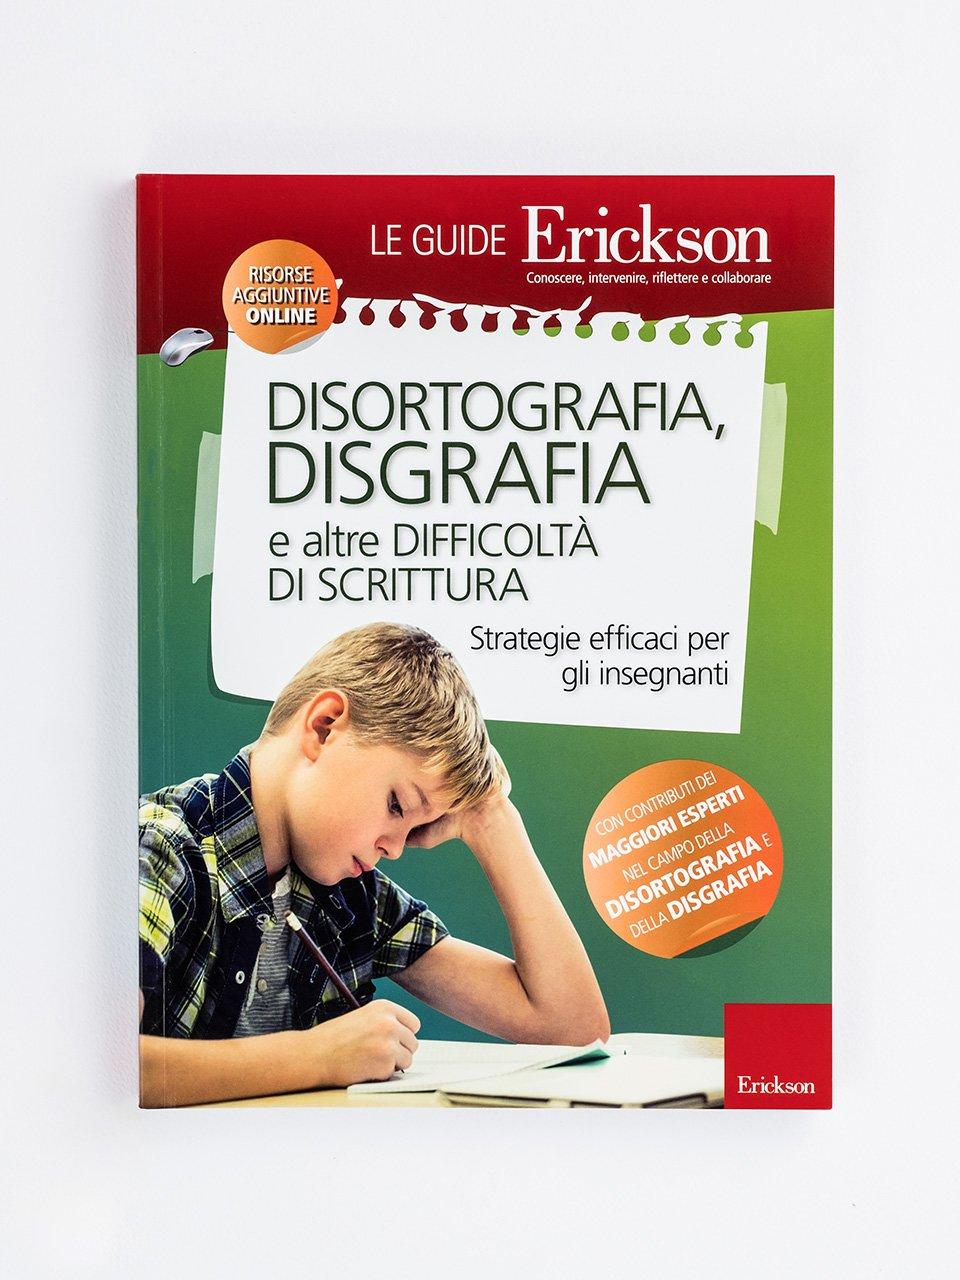 DISORTOGRAFIA, DISGRAFIA e altre difficoltà di scrittura a scuola - Test BHK - Scala sintetica per la valutazione dell - Libri - Erickson